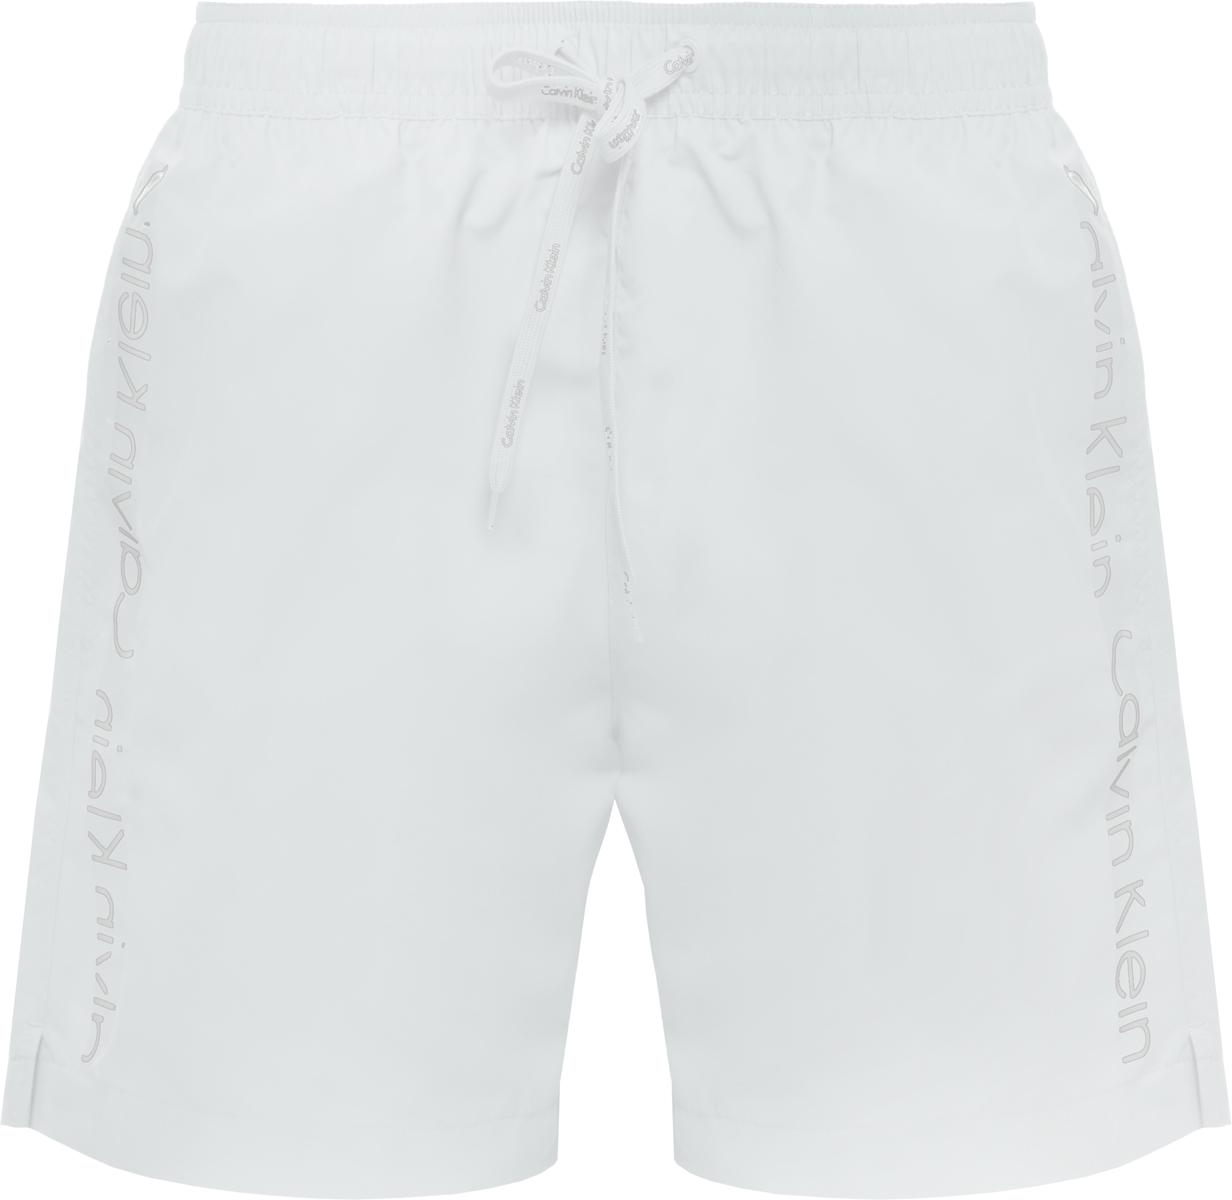 Шорты купальные мужские Calvin Klein Underwear, цвет: белый. KM0KM00169. Размер S (46)KM0KM00169Шорты купальные мужские Calvin Klein Underwear выполнены из полиэстера. Модель дополнена затягивающимся шнурком.